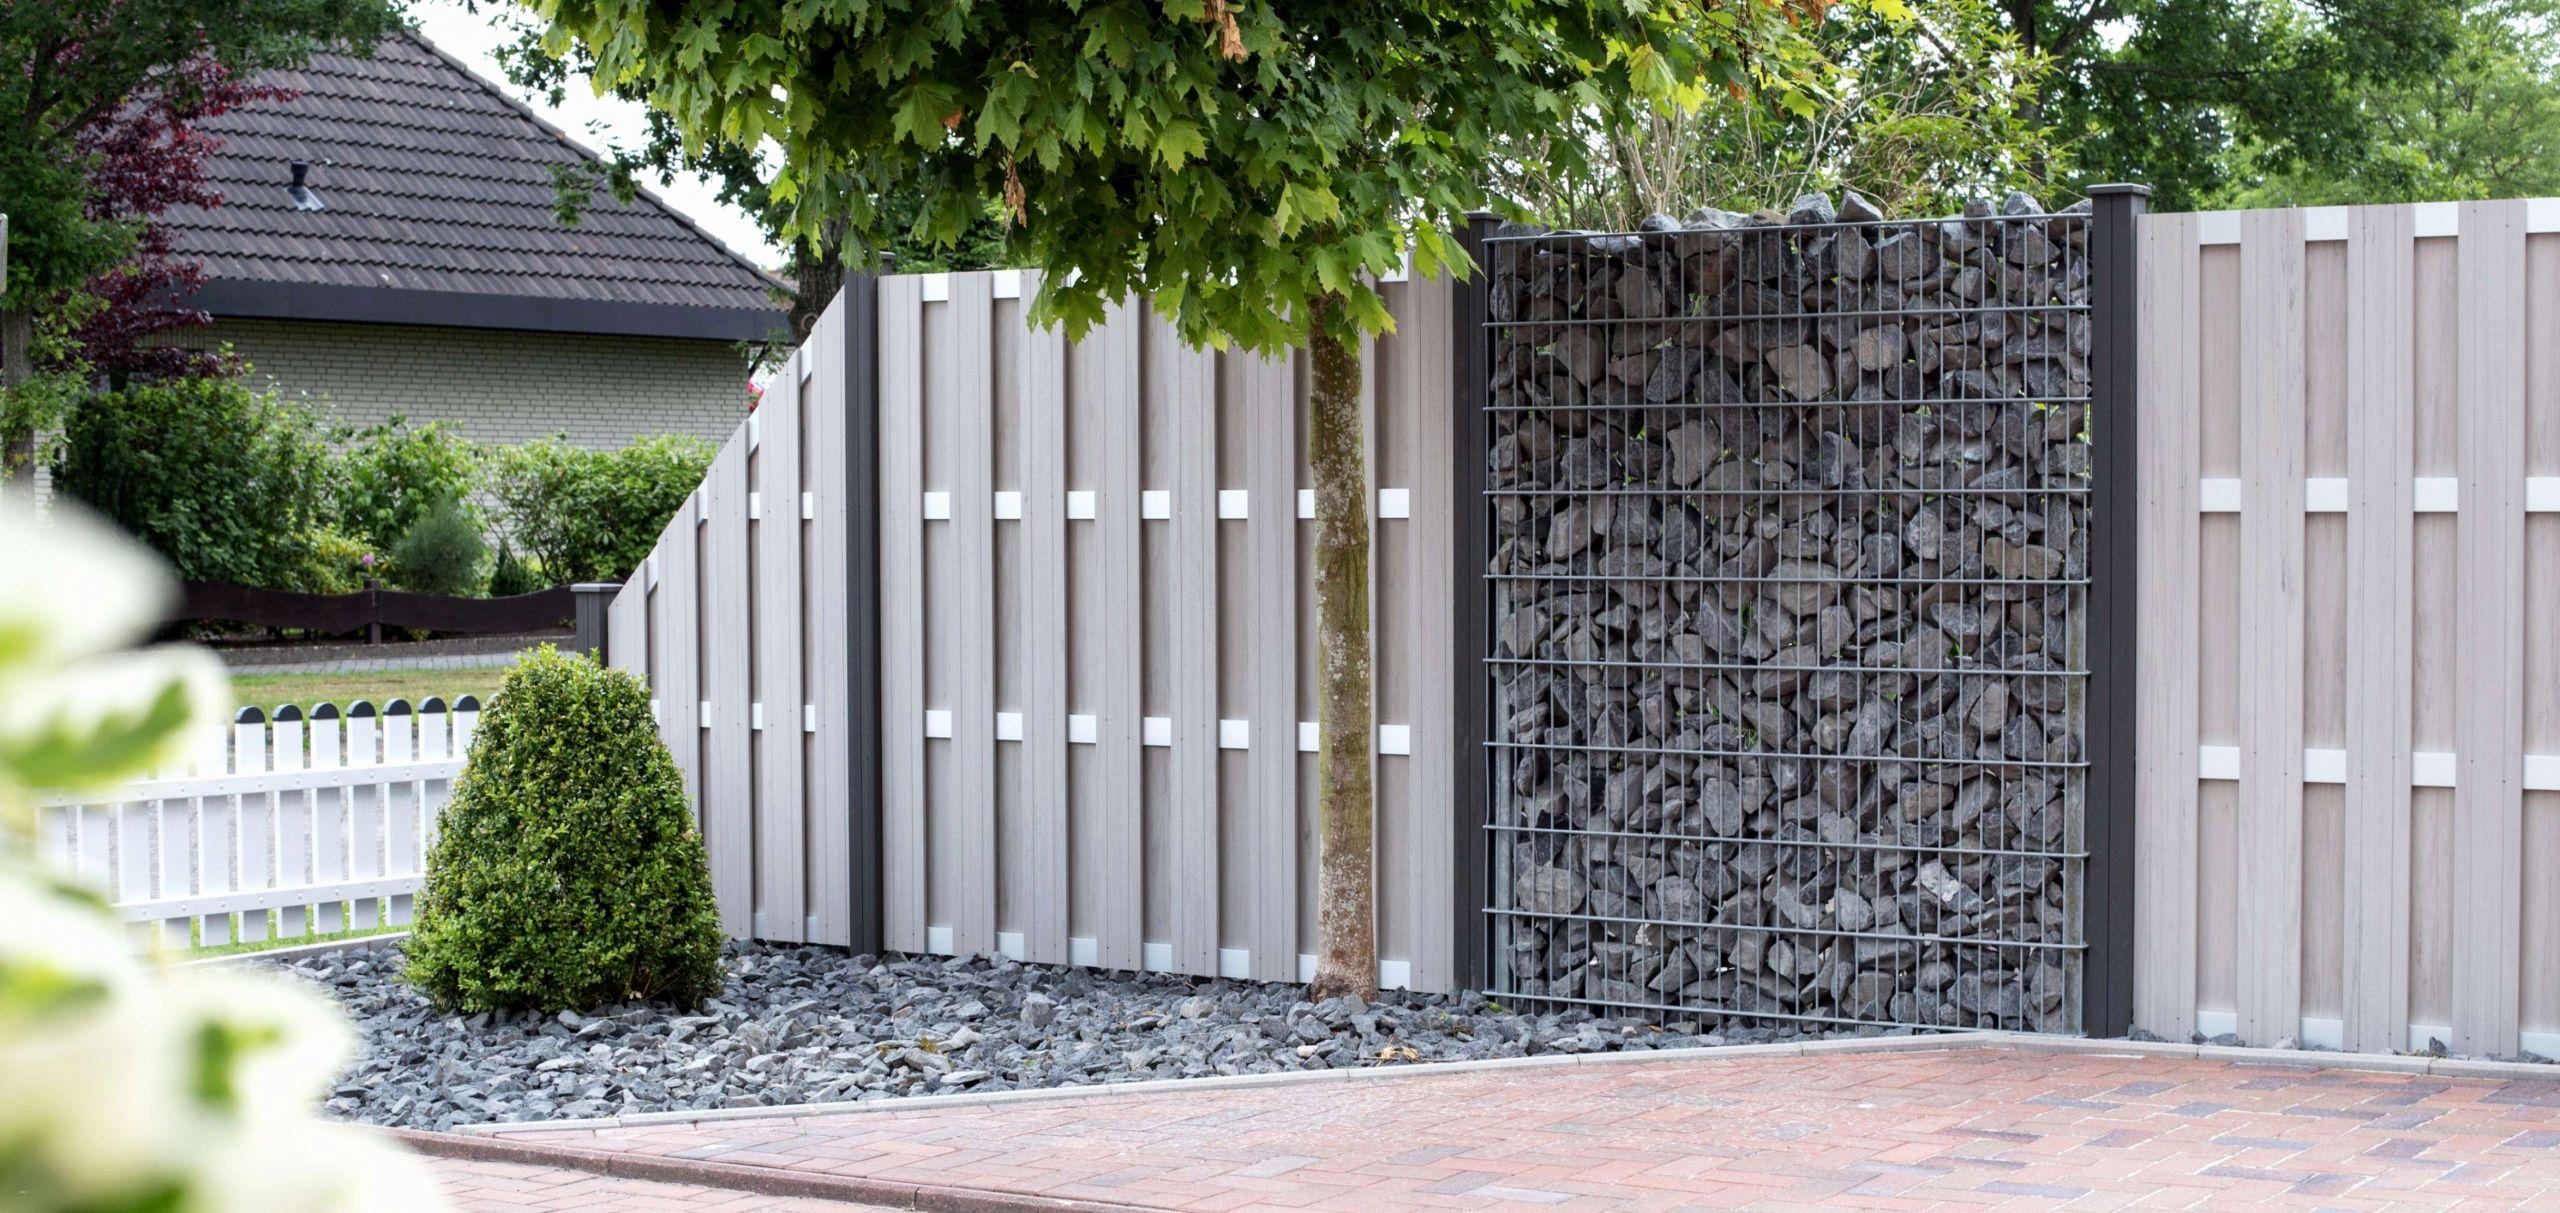 terrasse stein oder holz elegant haus am hang terrasse verlegen gartengestaltung mit holz und stein gartengestaltung mit holz und stein